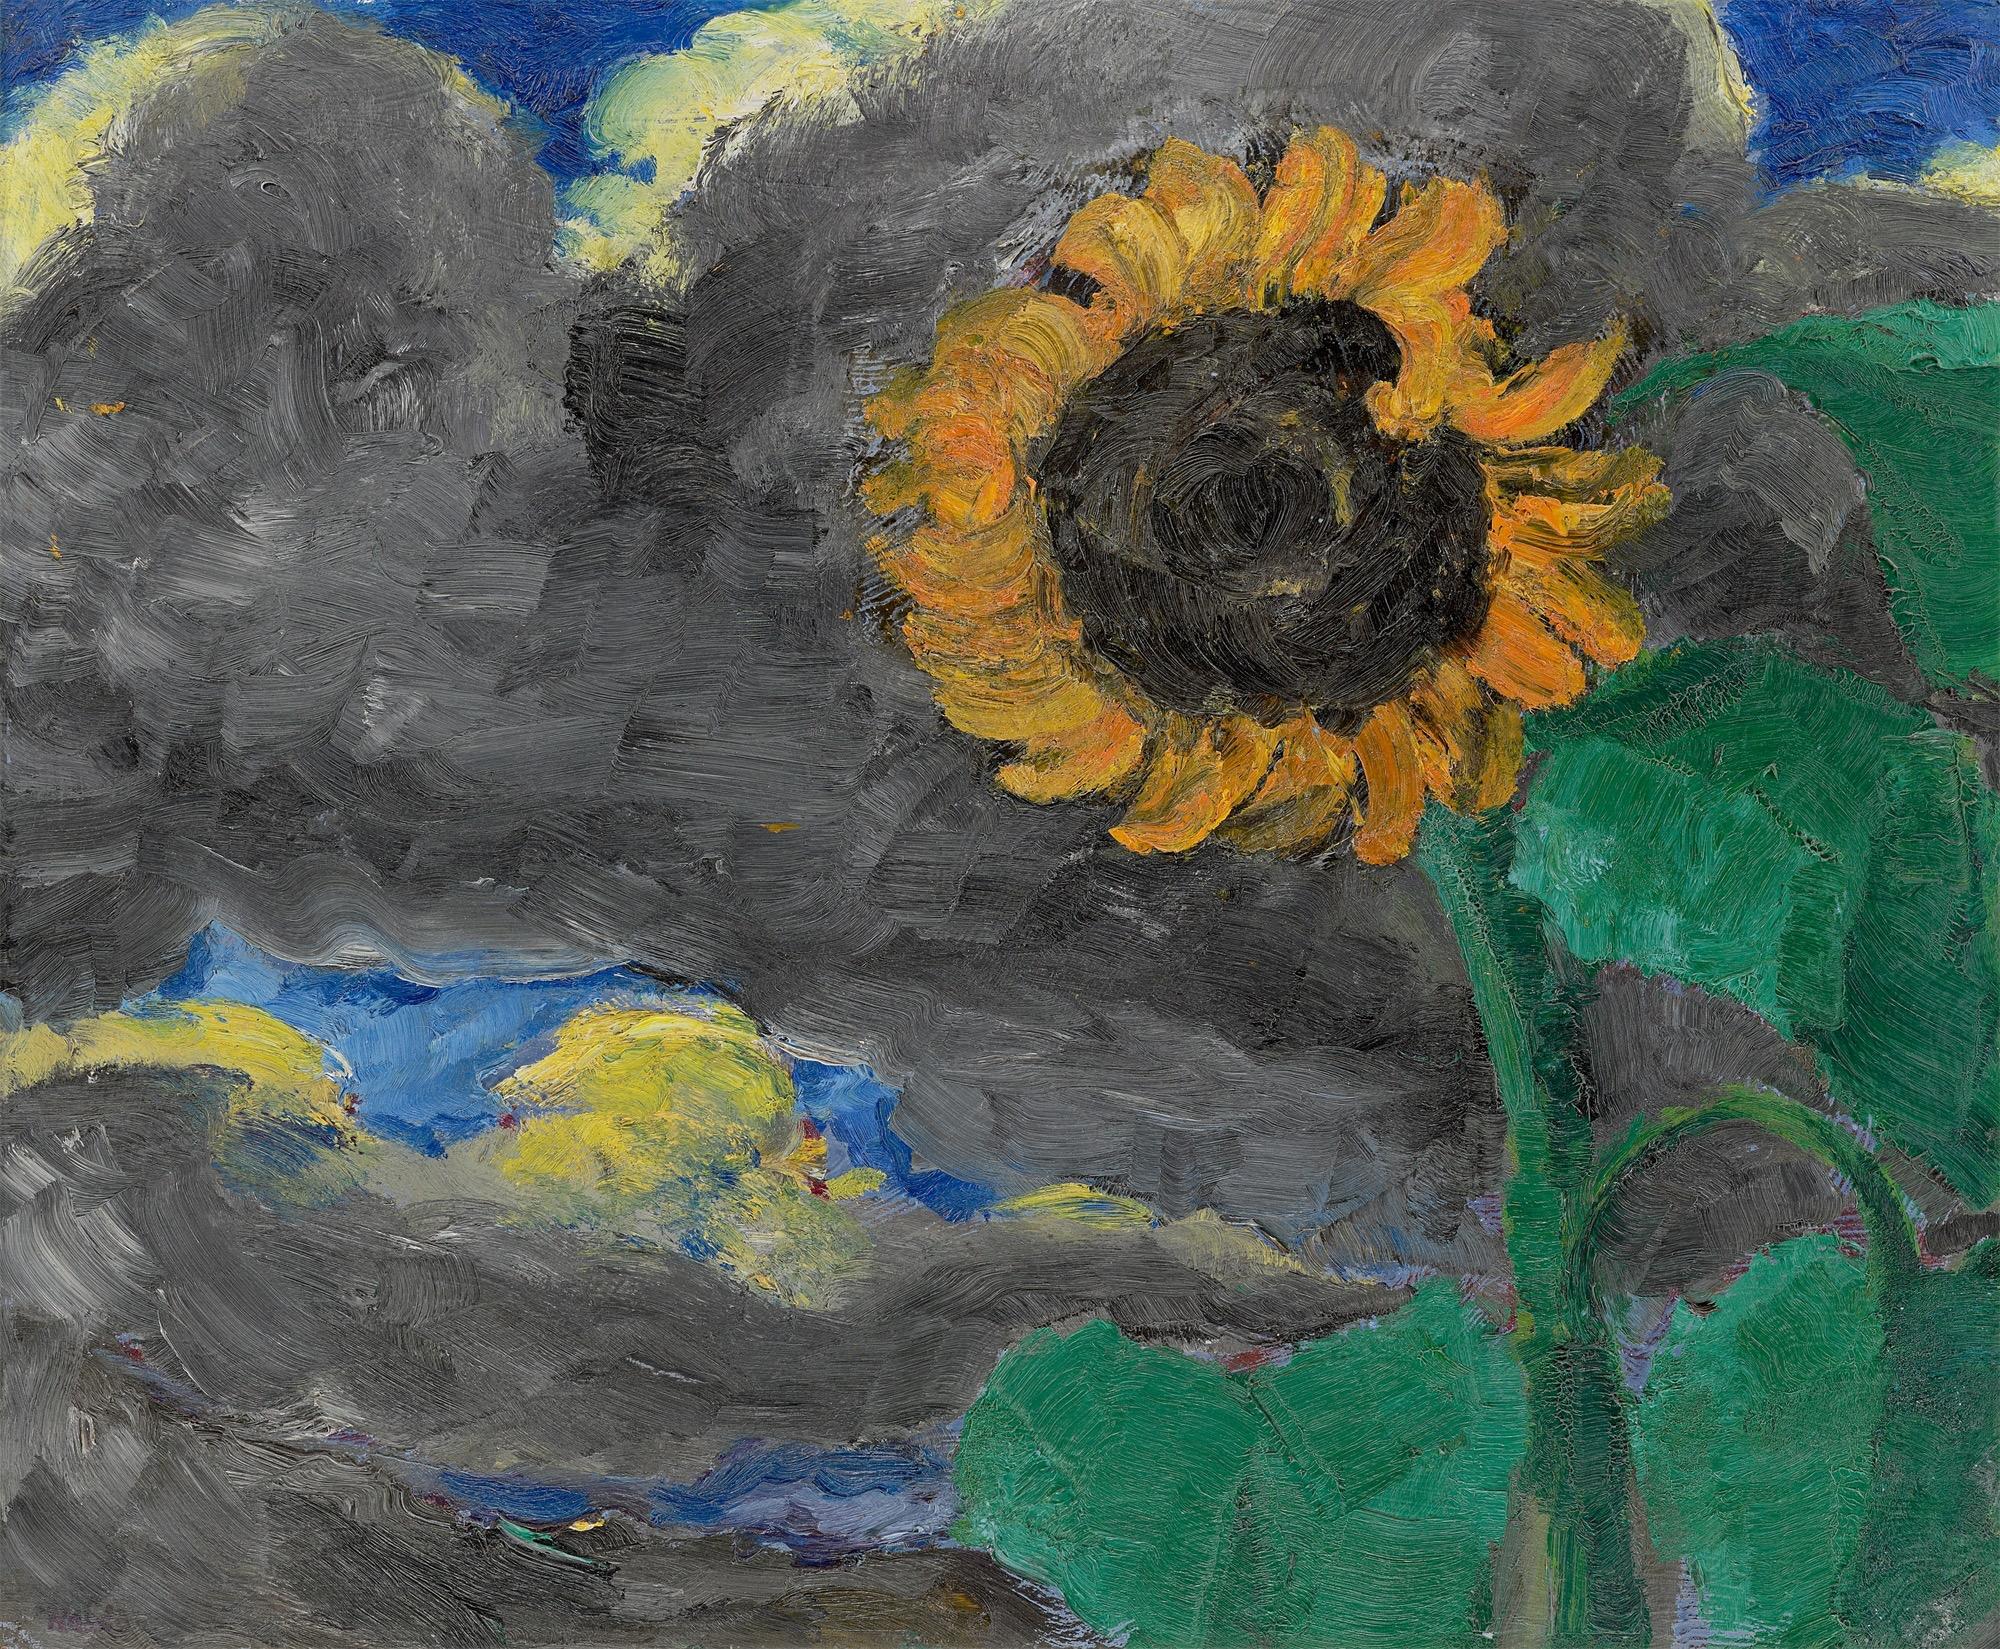 Vente D'Emil Nolde à Neo Rauch – Selected Works chez Grisebach : 44 lots